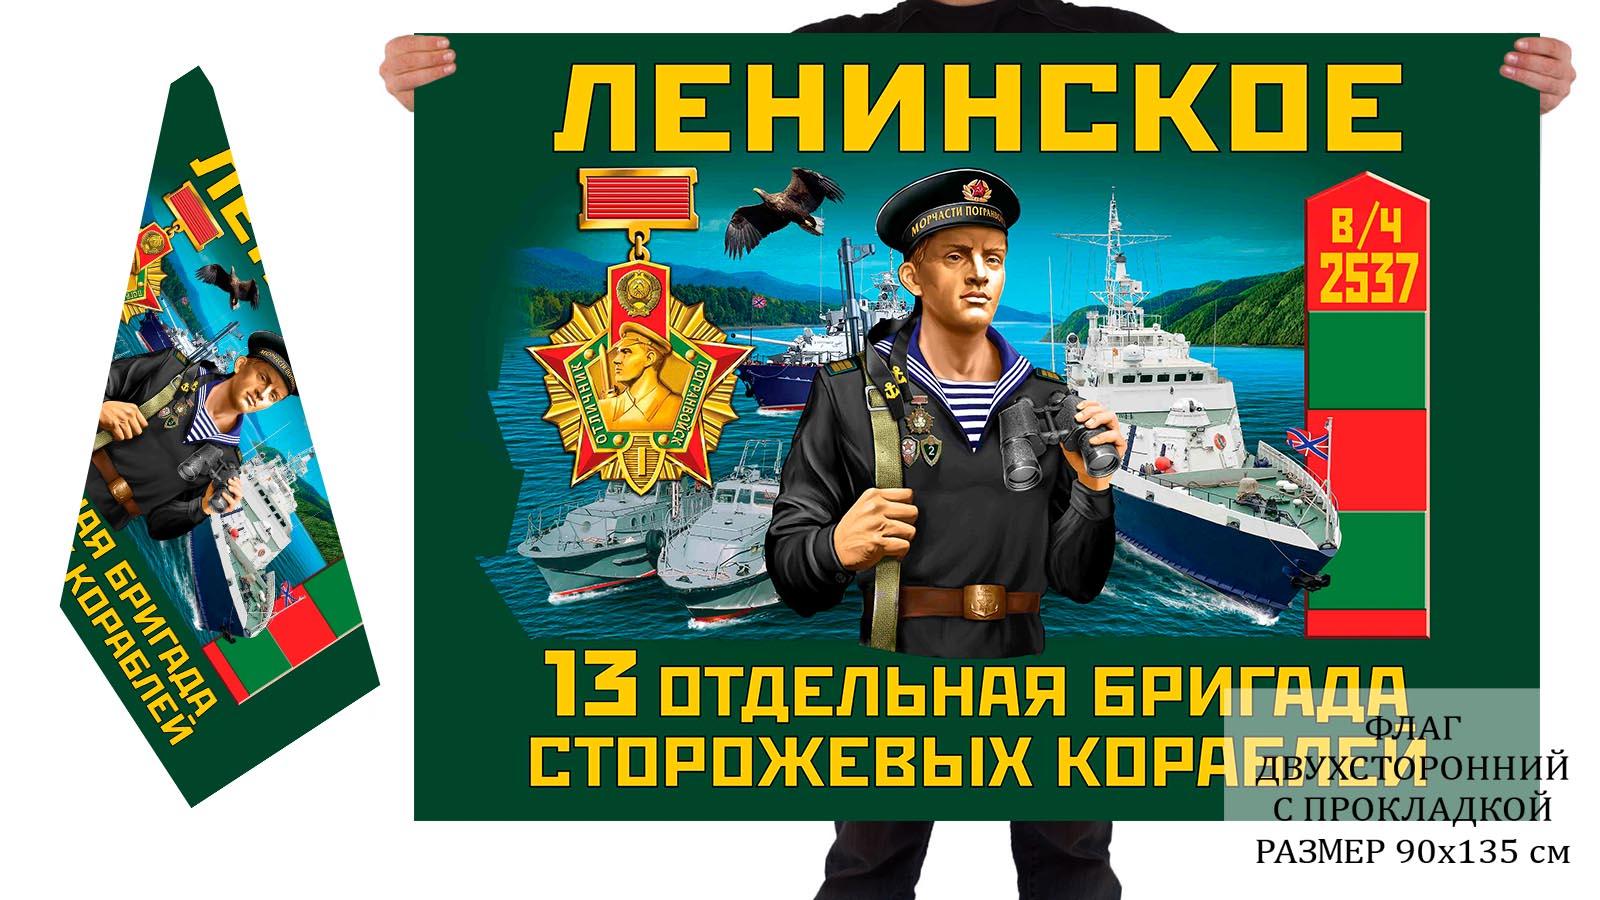 Двусторонний флаг 13 отдельной бригады пограничных сторожевых кораблей